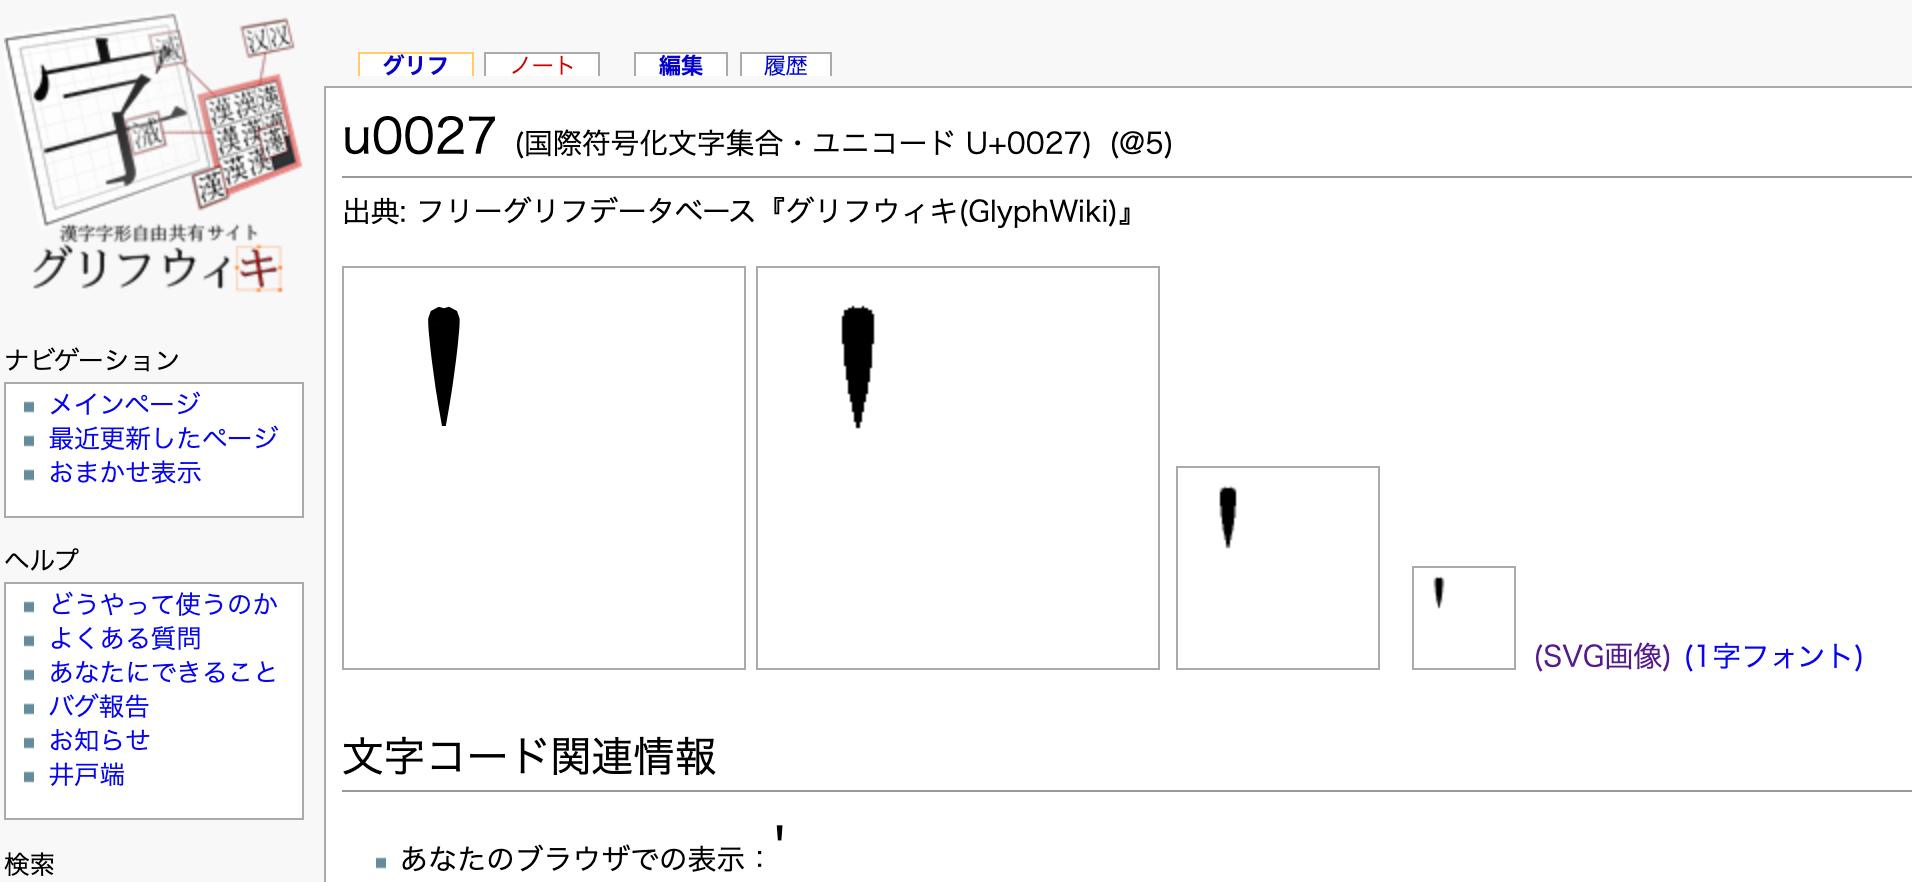 スクリーンショット 2020-05-21 20.31.26.png